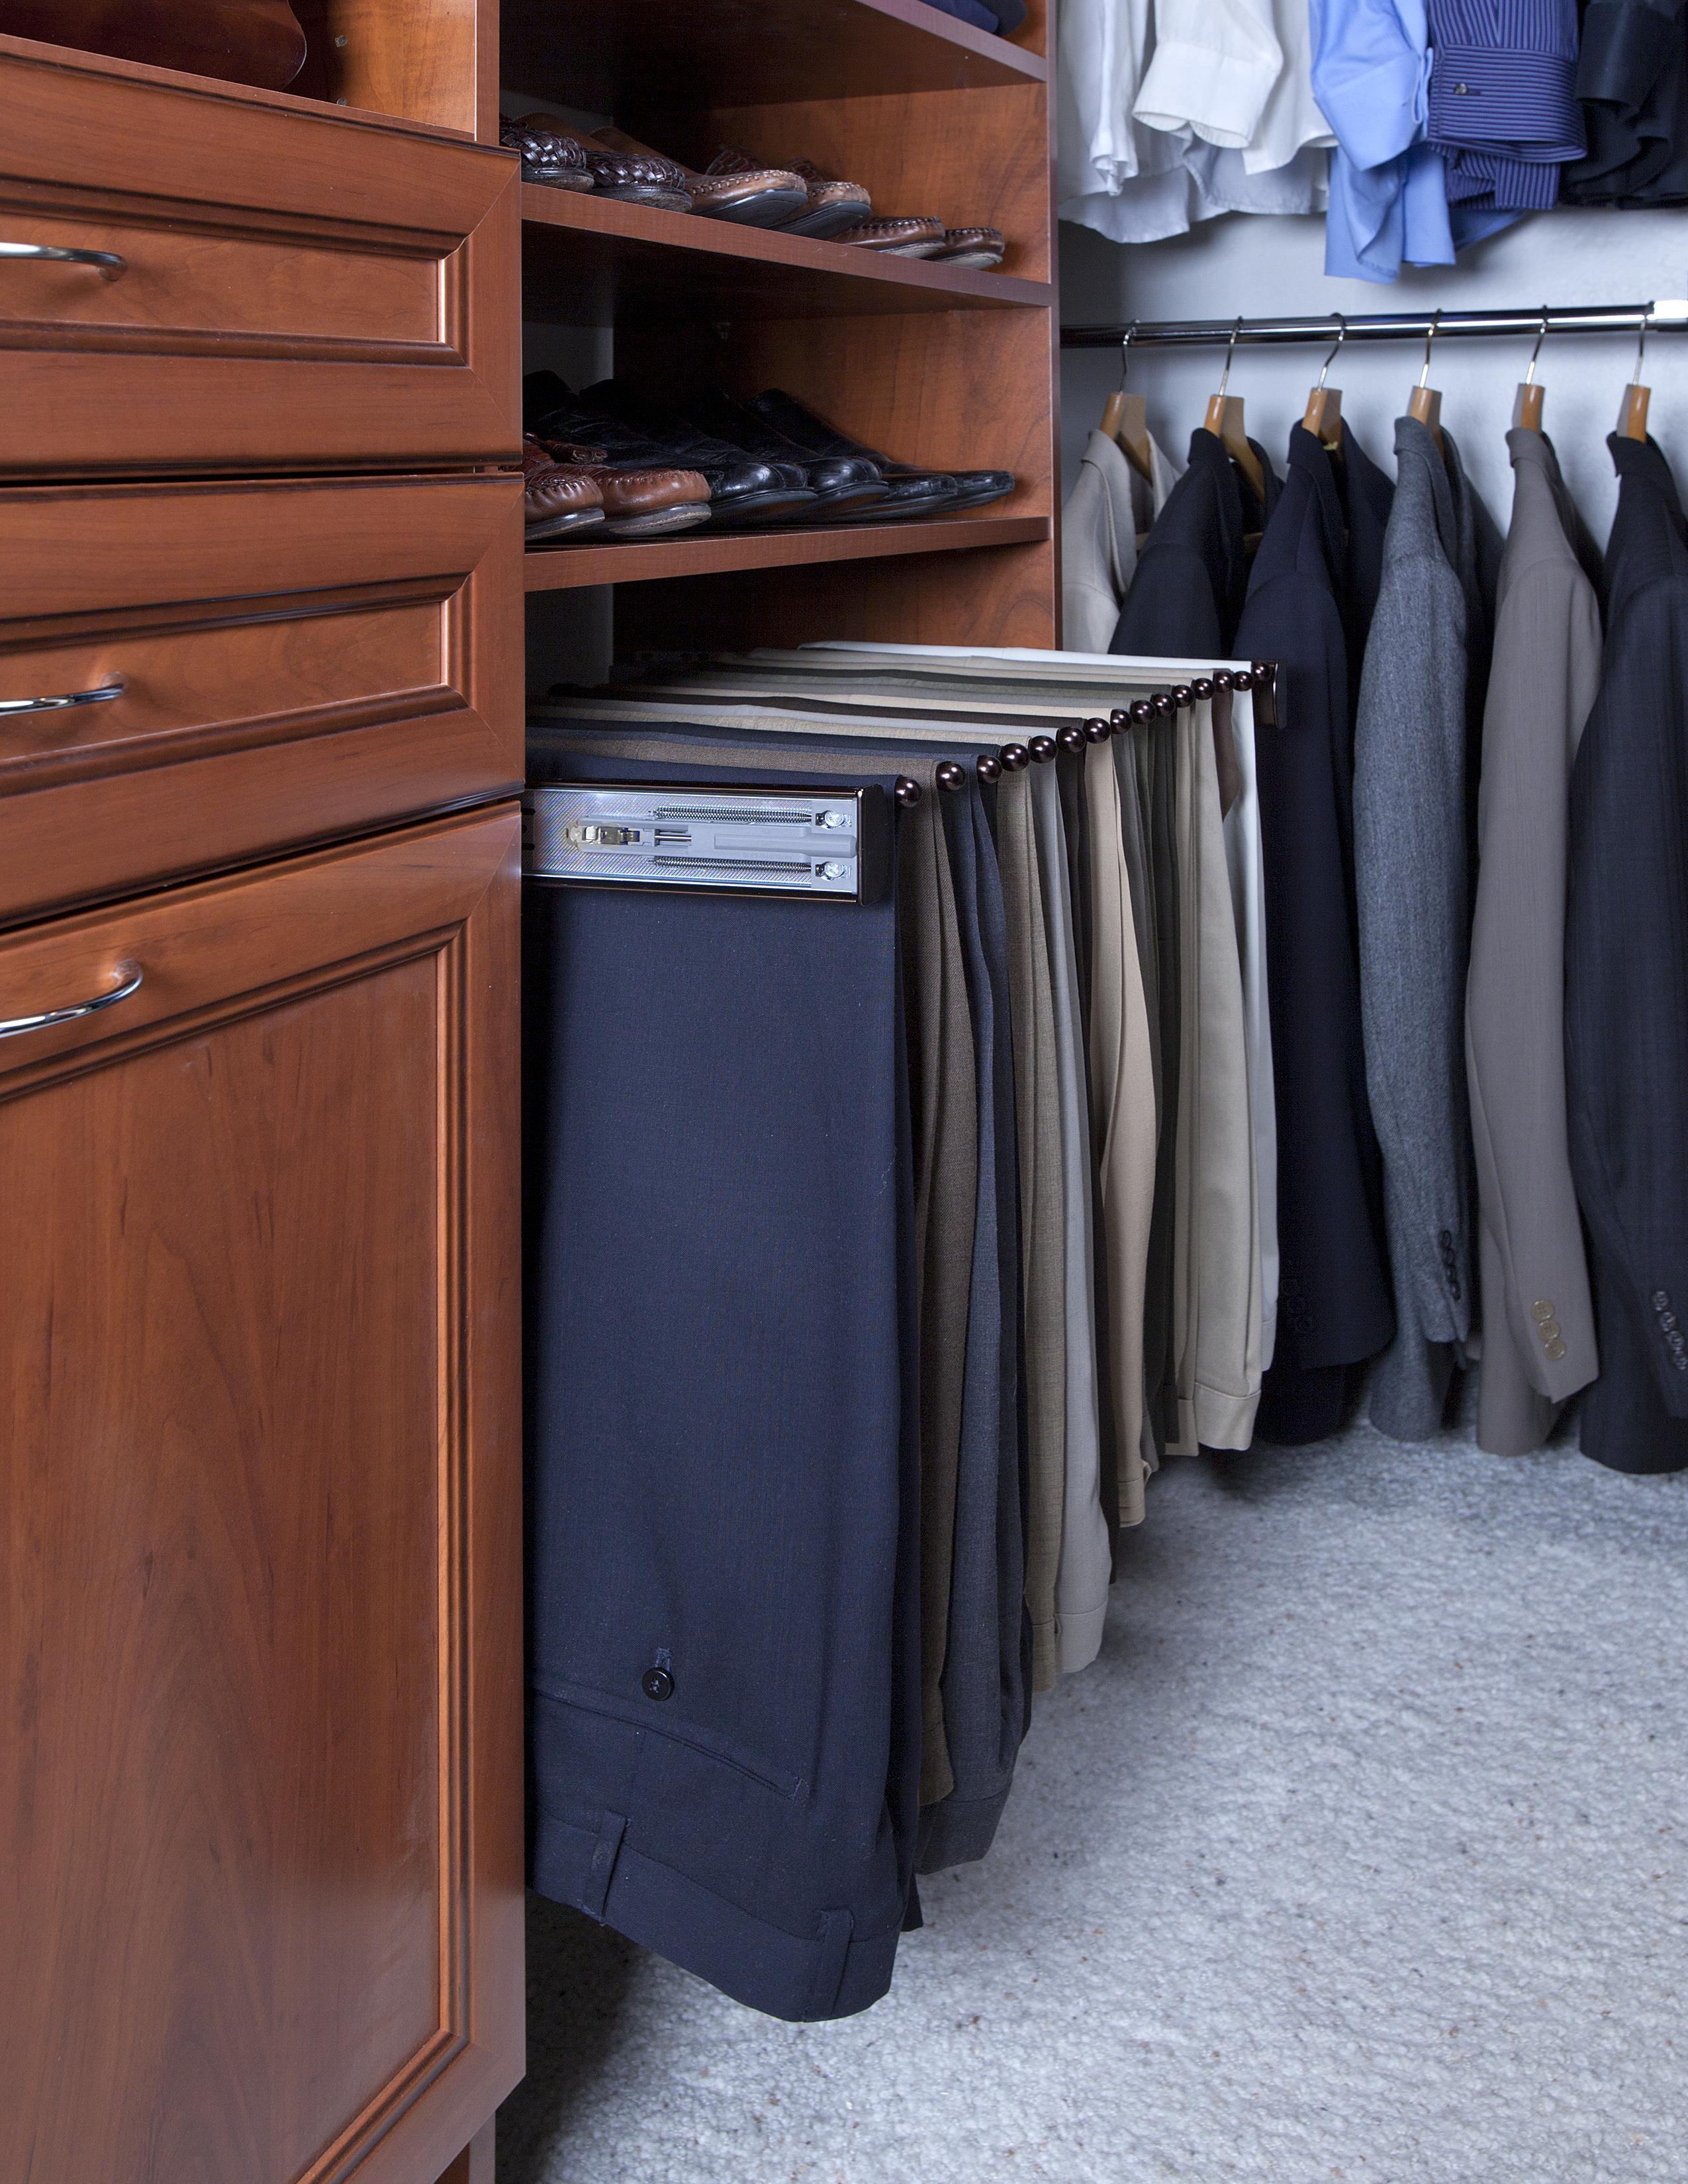 Superieur Pants Rack In Warm Cognac Premier Closet